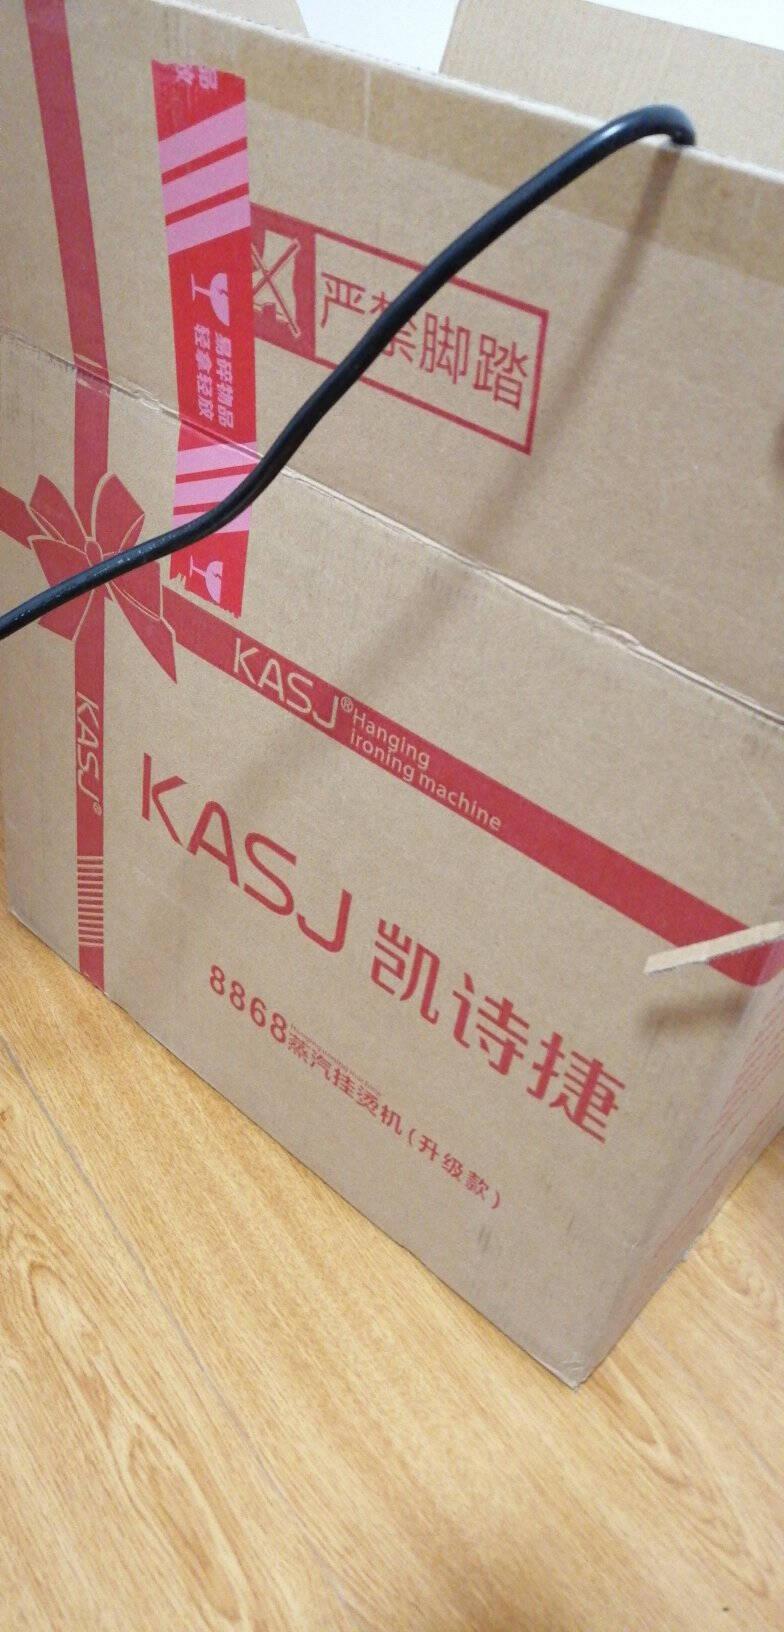 德国KASJ(凯诗捷)蒸汽挂烫机家用商用熨斗熨衣服平烫挂烫手持电熨斗挂式烫衣机熨烫机双杆-石榴红